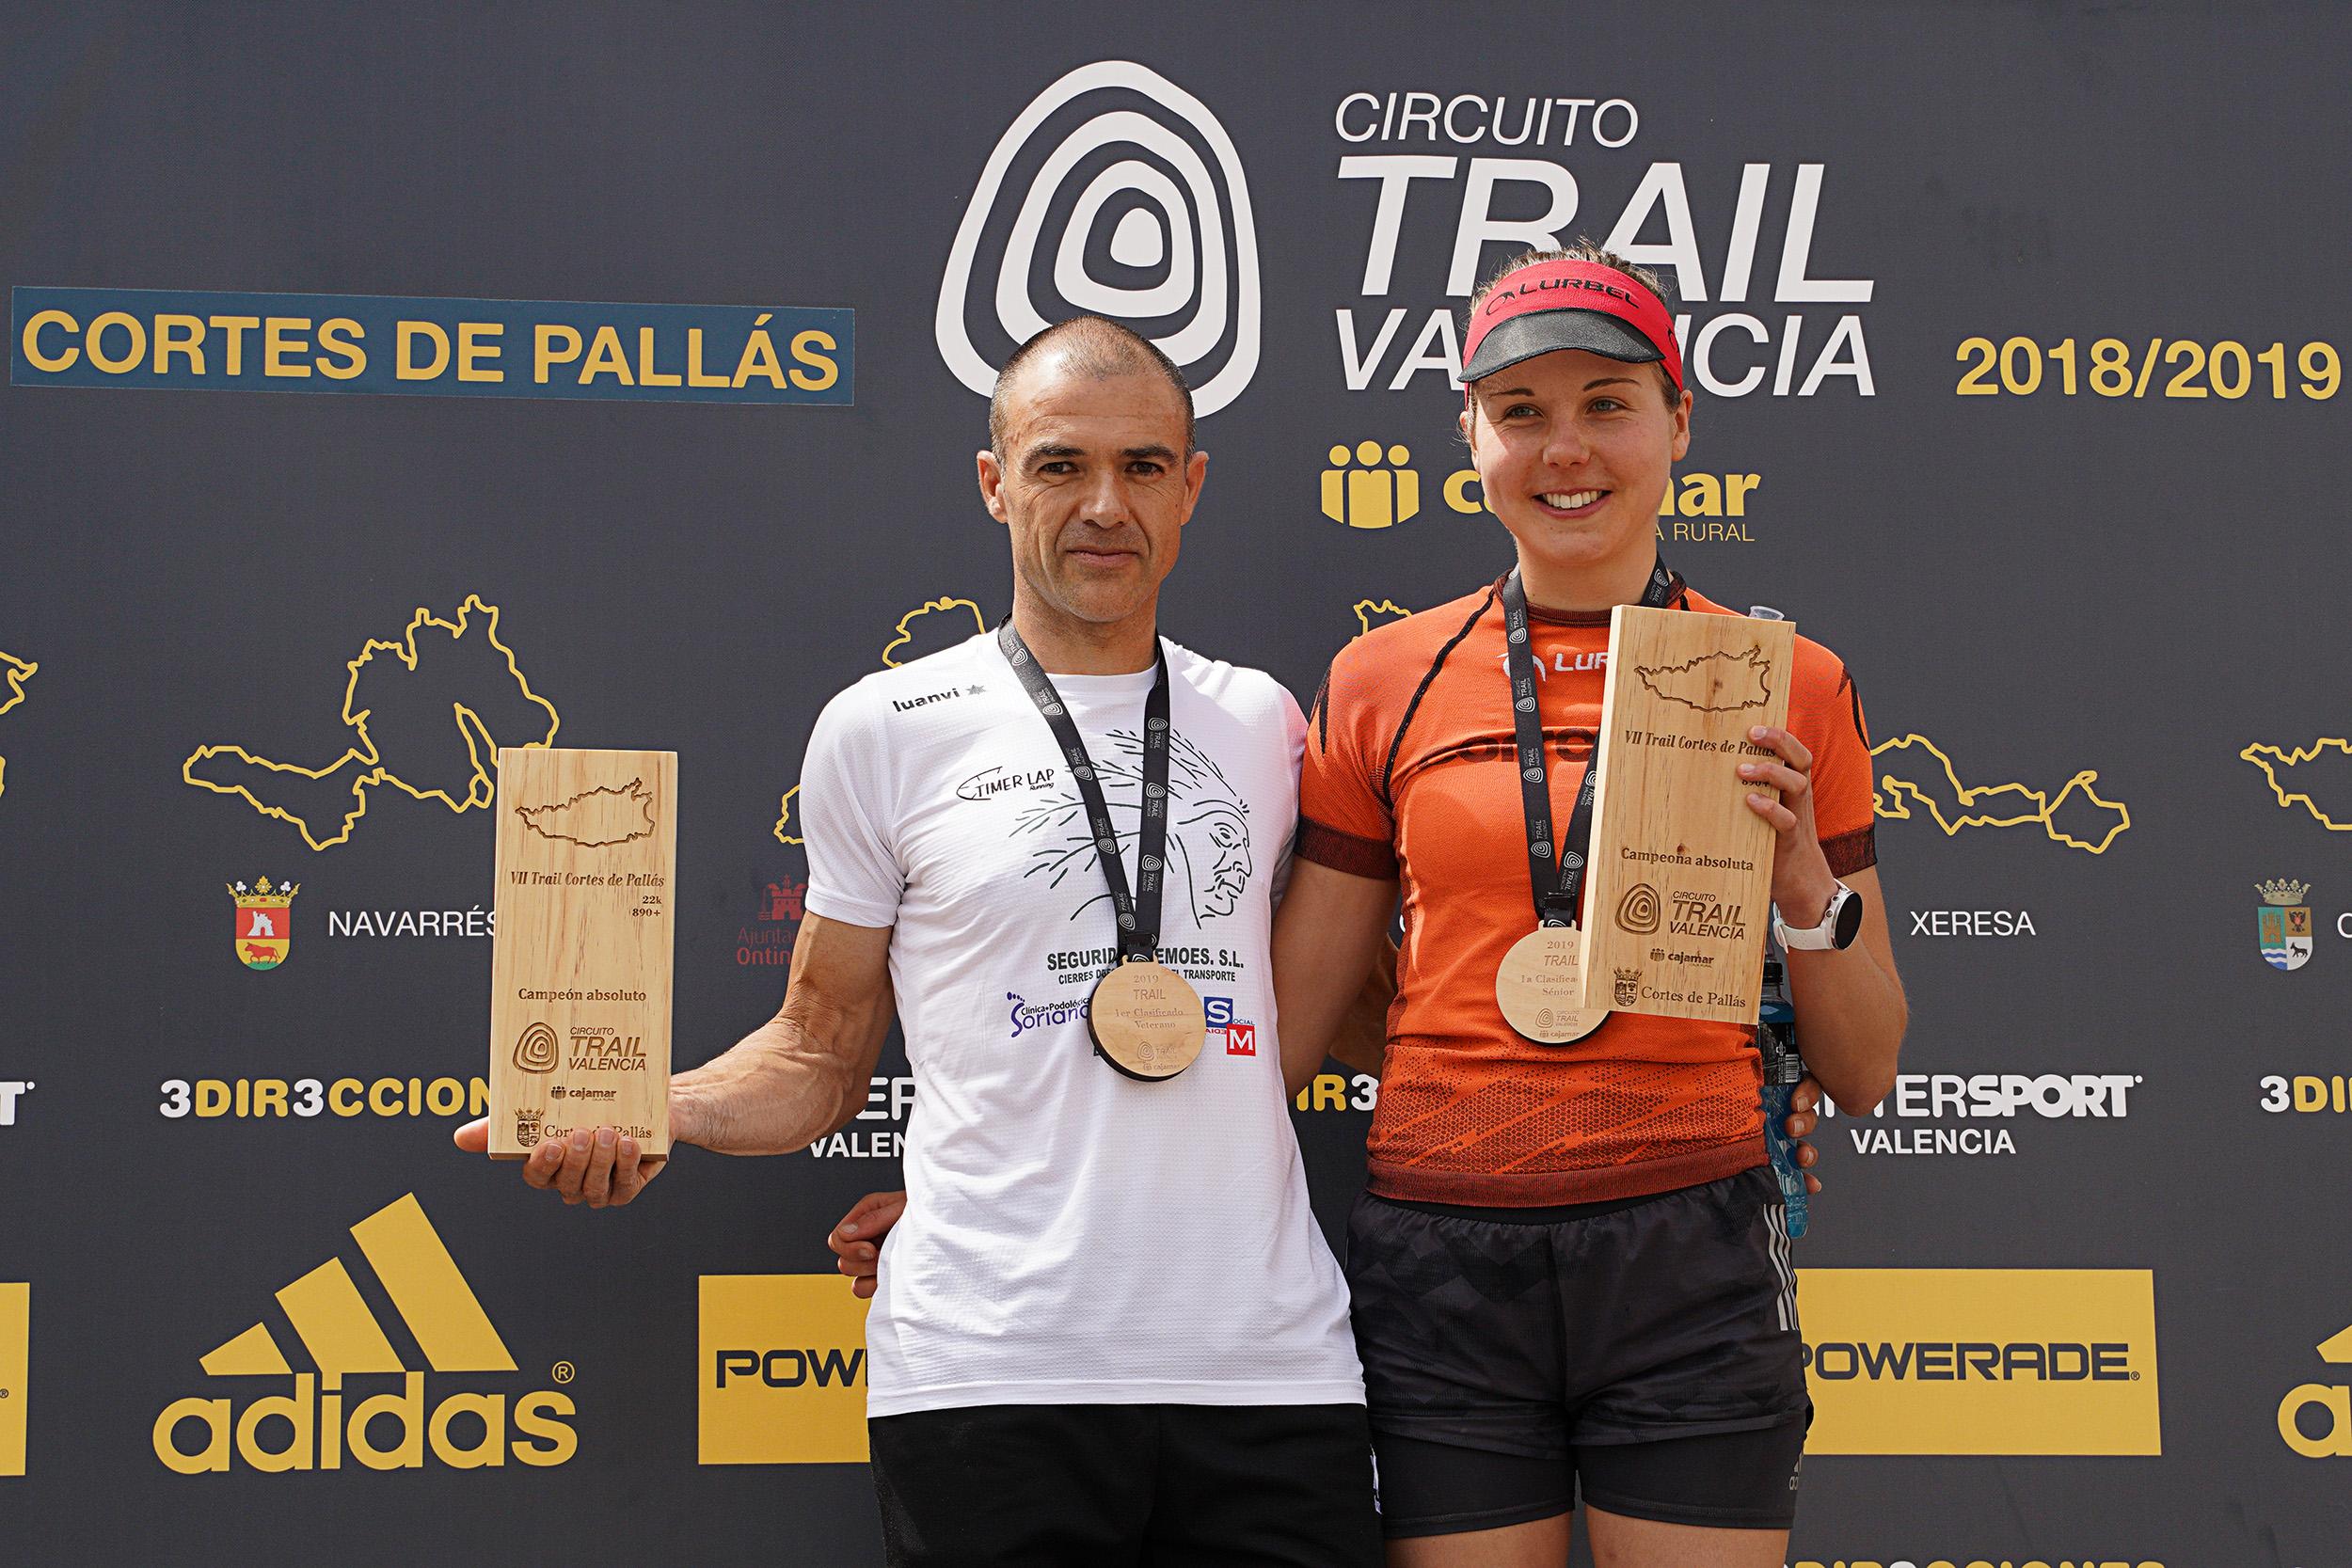 Ganadores del VII Trail de Cortes de Pallás.